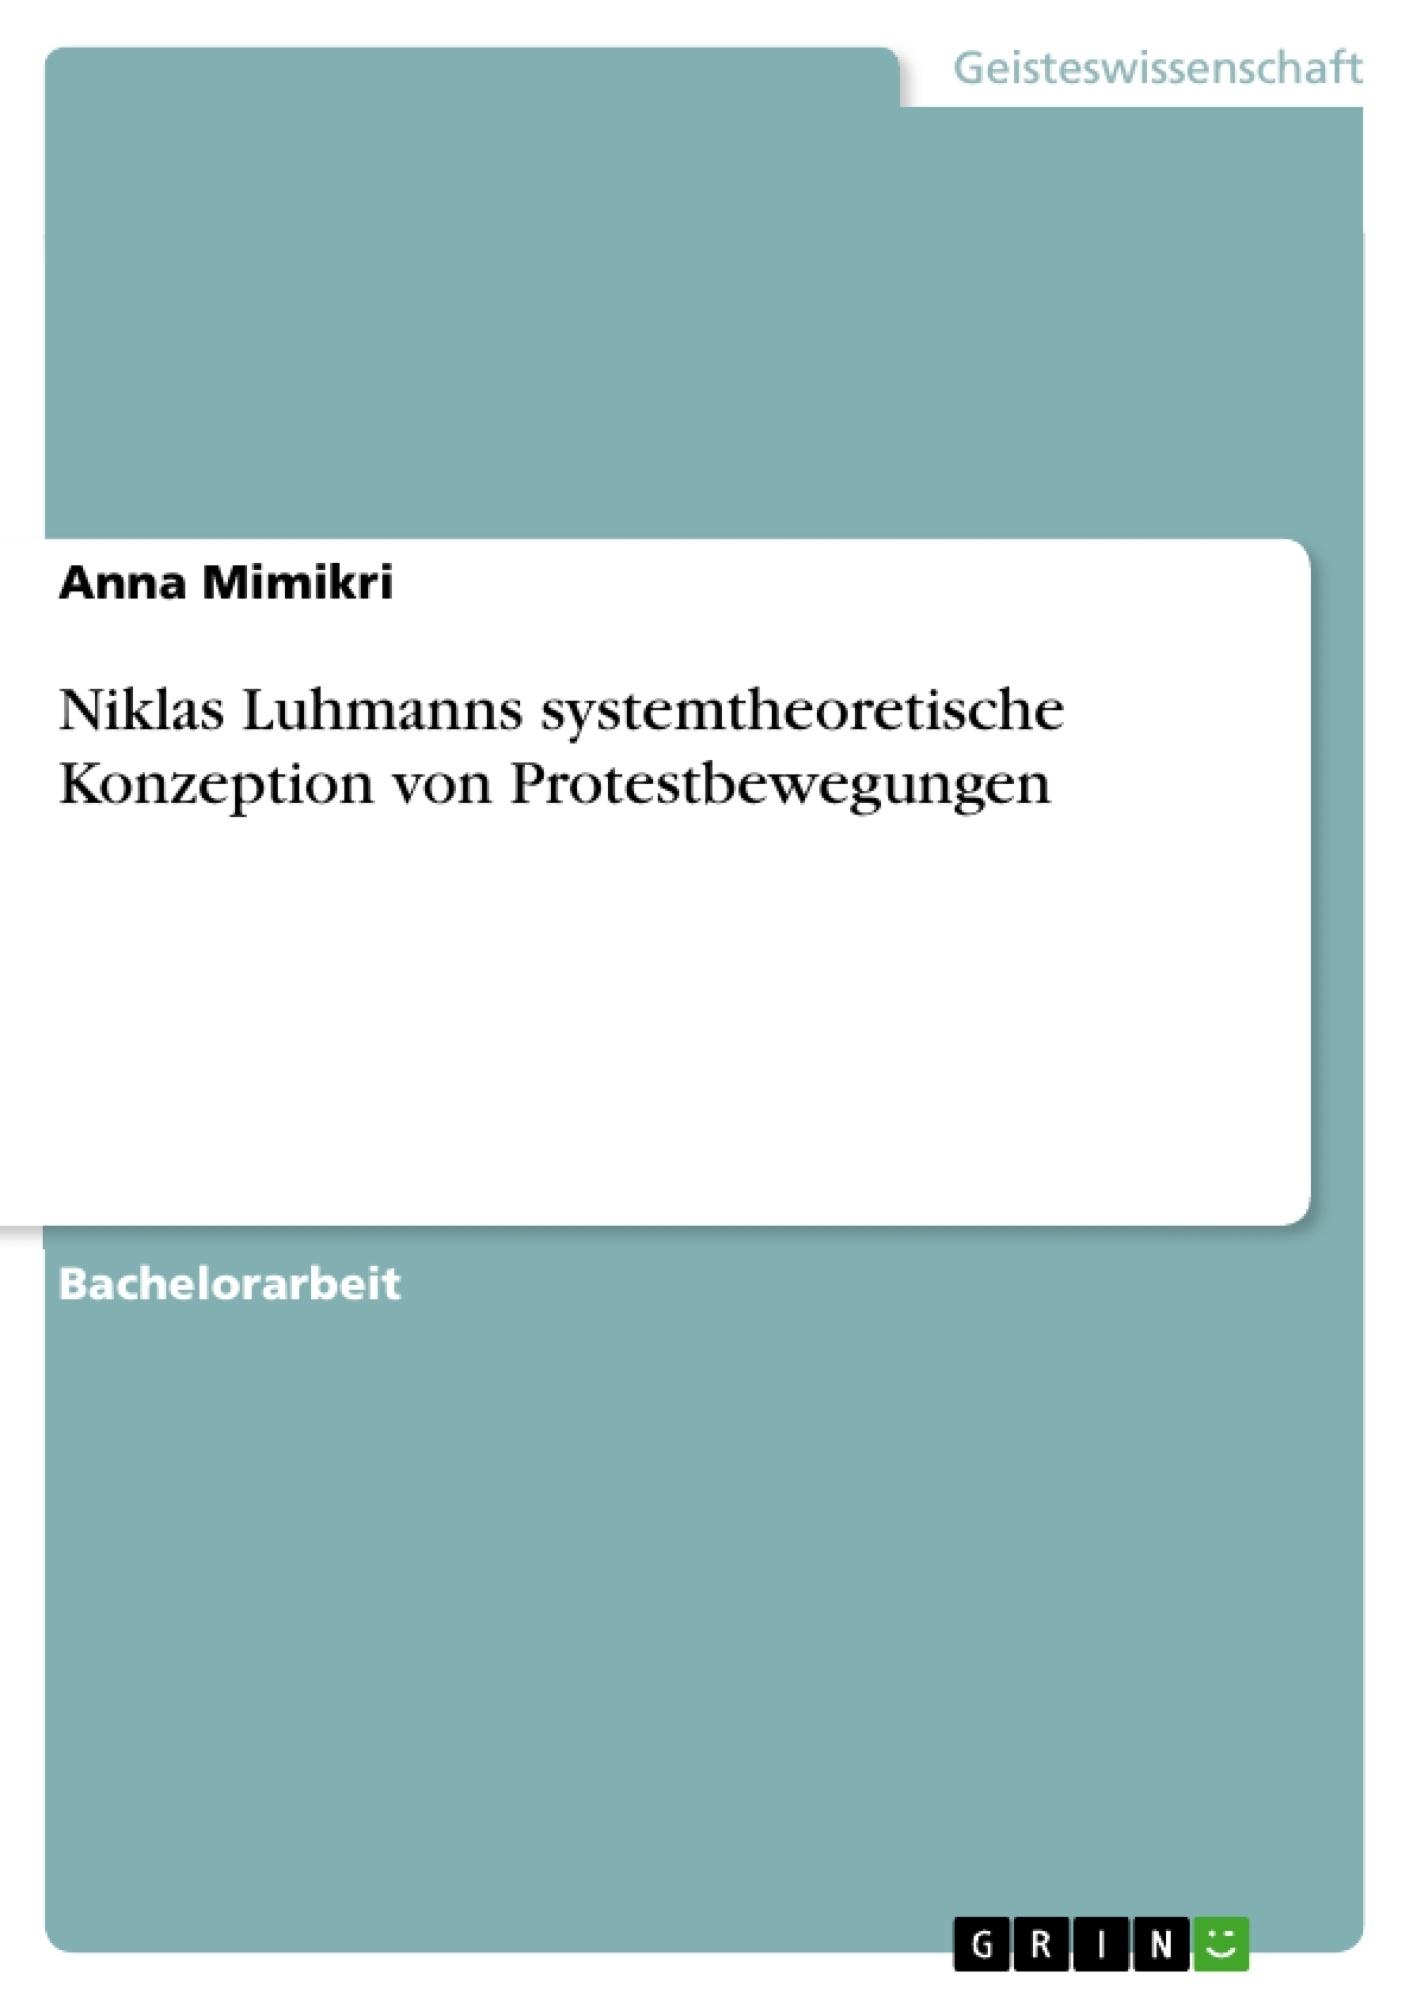 Titel: Niklas Luhmanns systemtheoretische Konzeption von Protestbewegungen